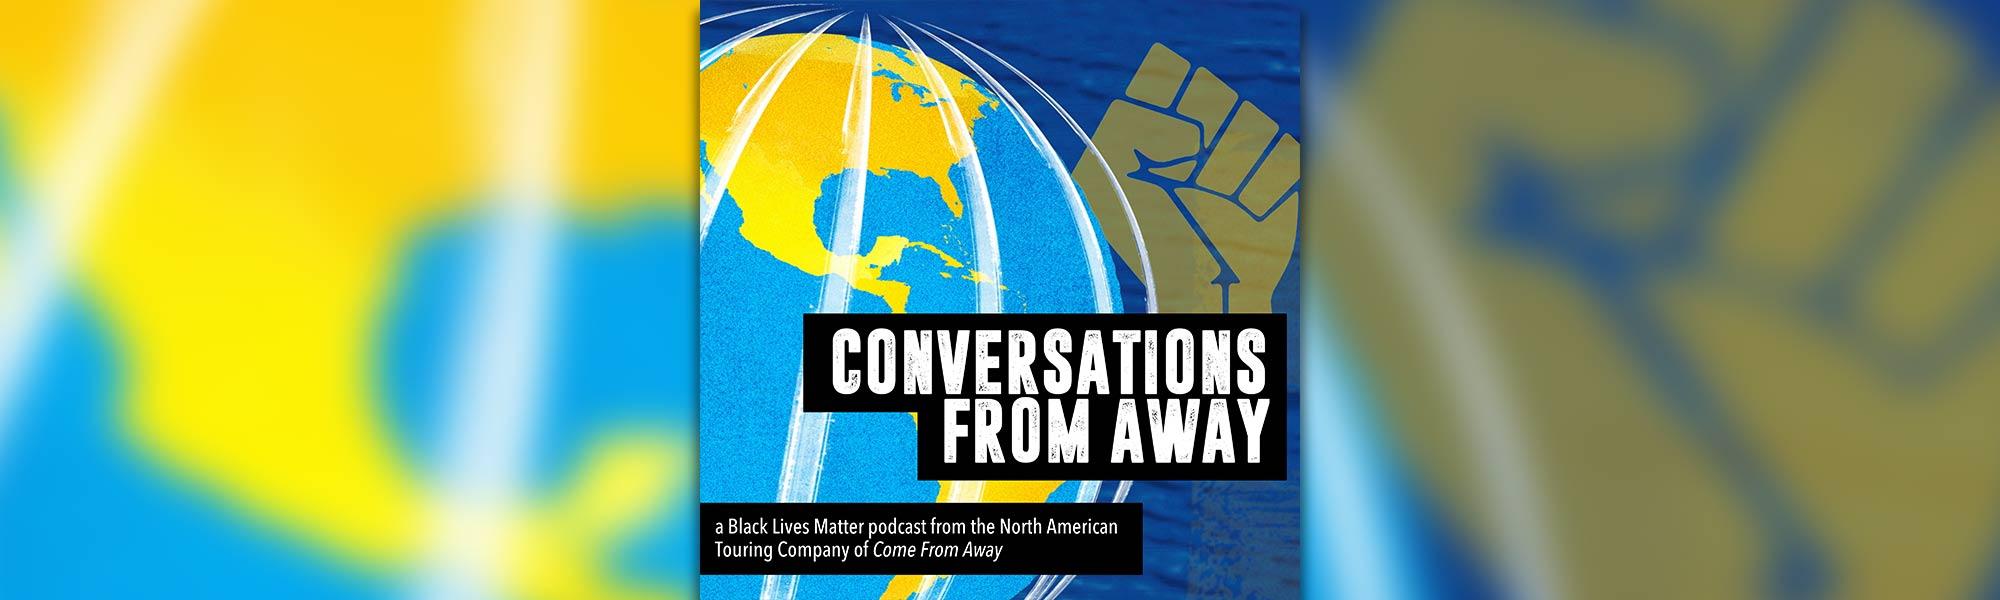 Conversations From Away - Black Lives Matter